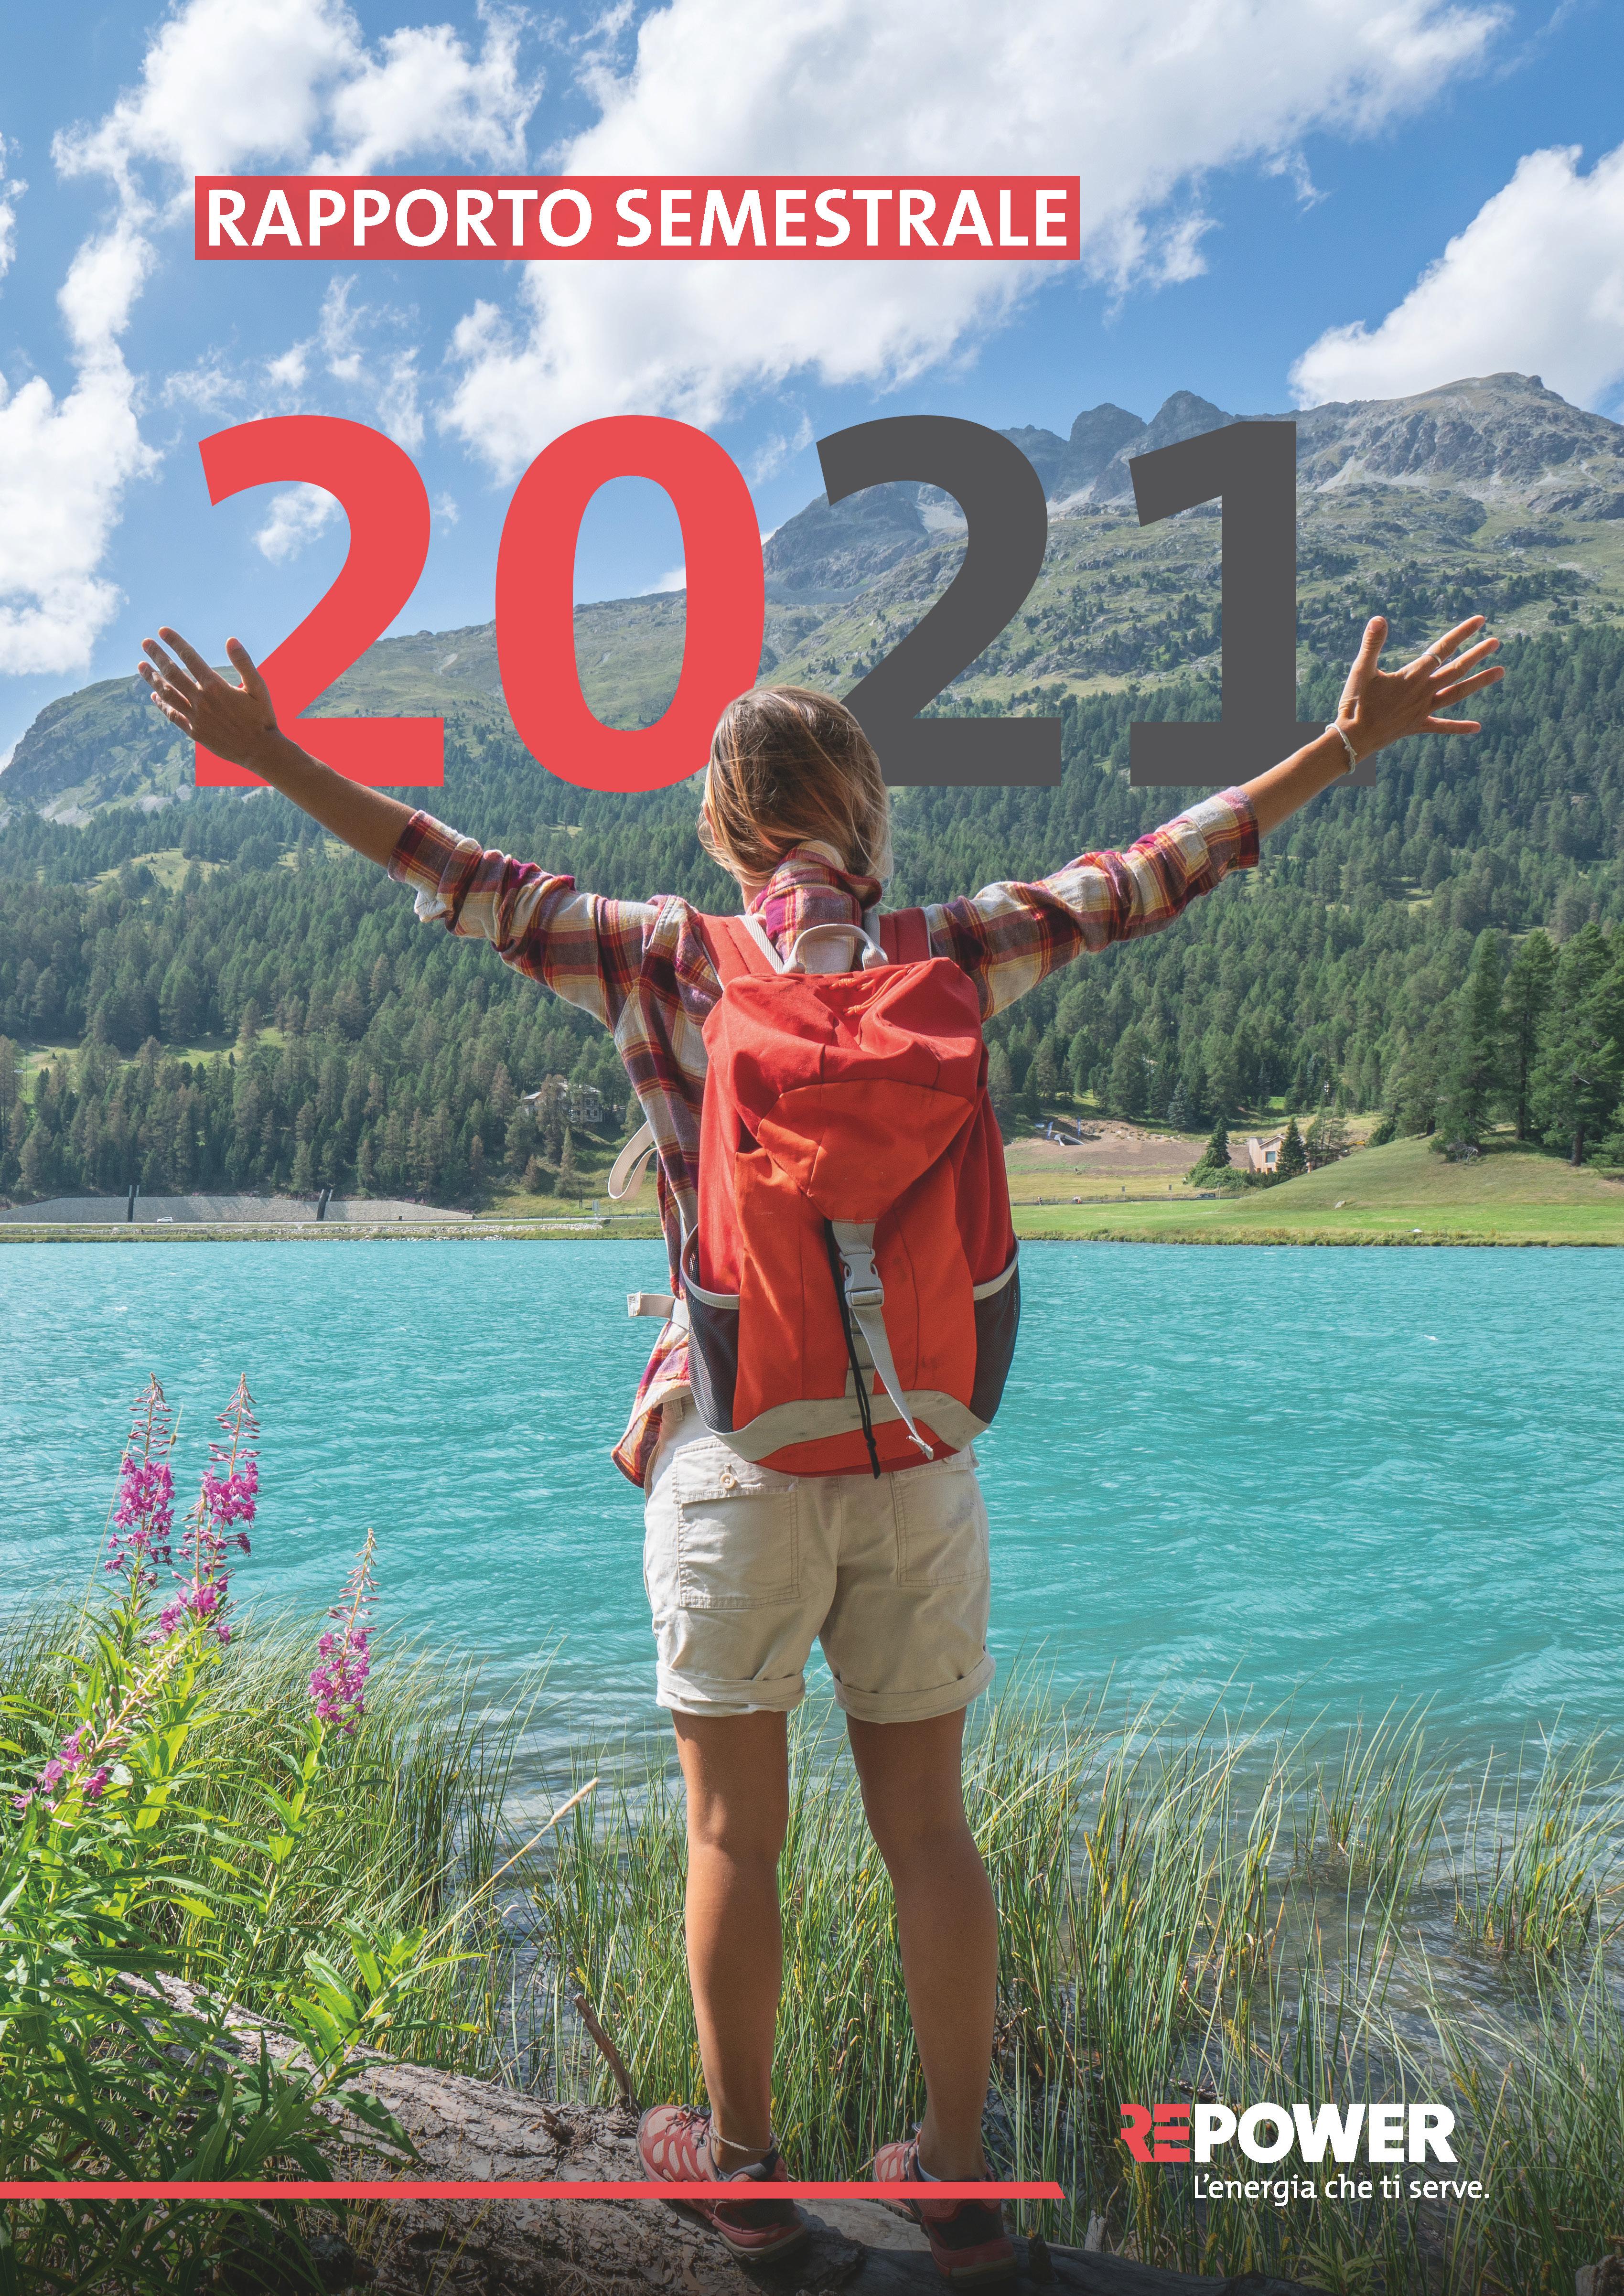 Rapporto semestrale 2021 – versione completa preview